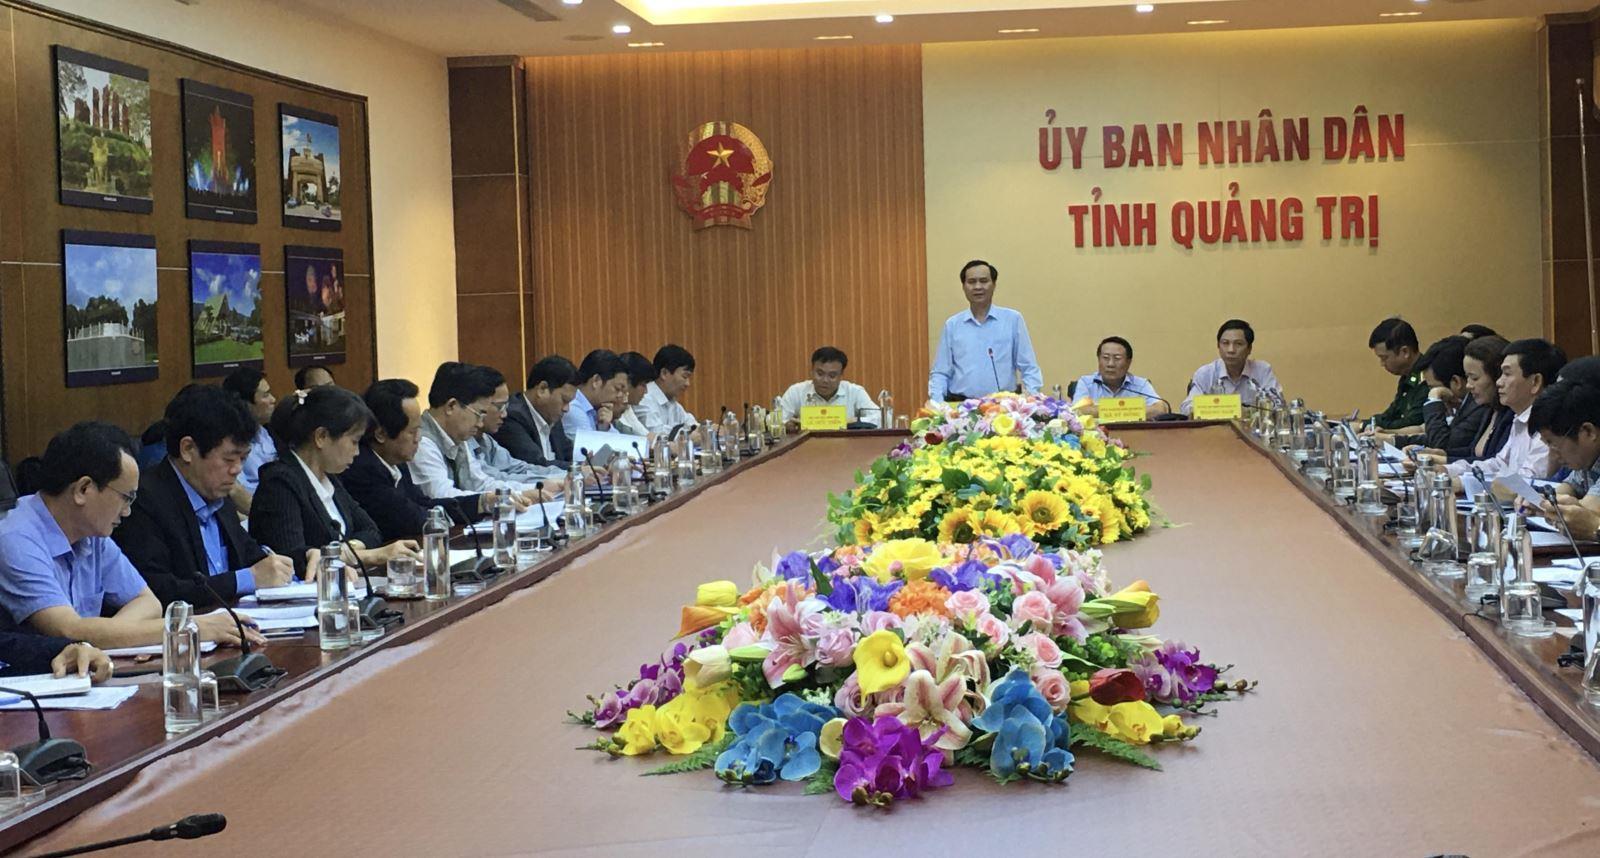 UBND tỉnh họp bàn giải pháp khắc phục hậu quả mưa lũ